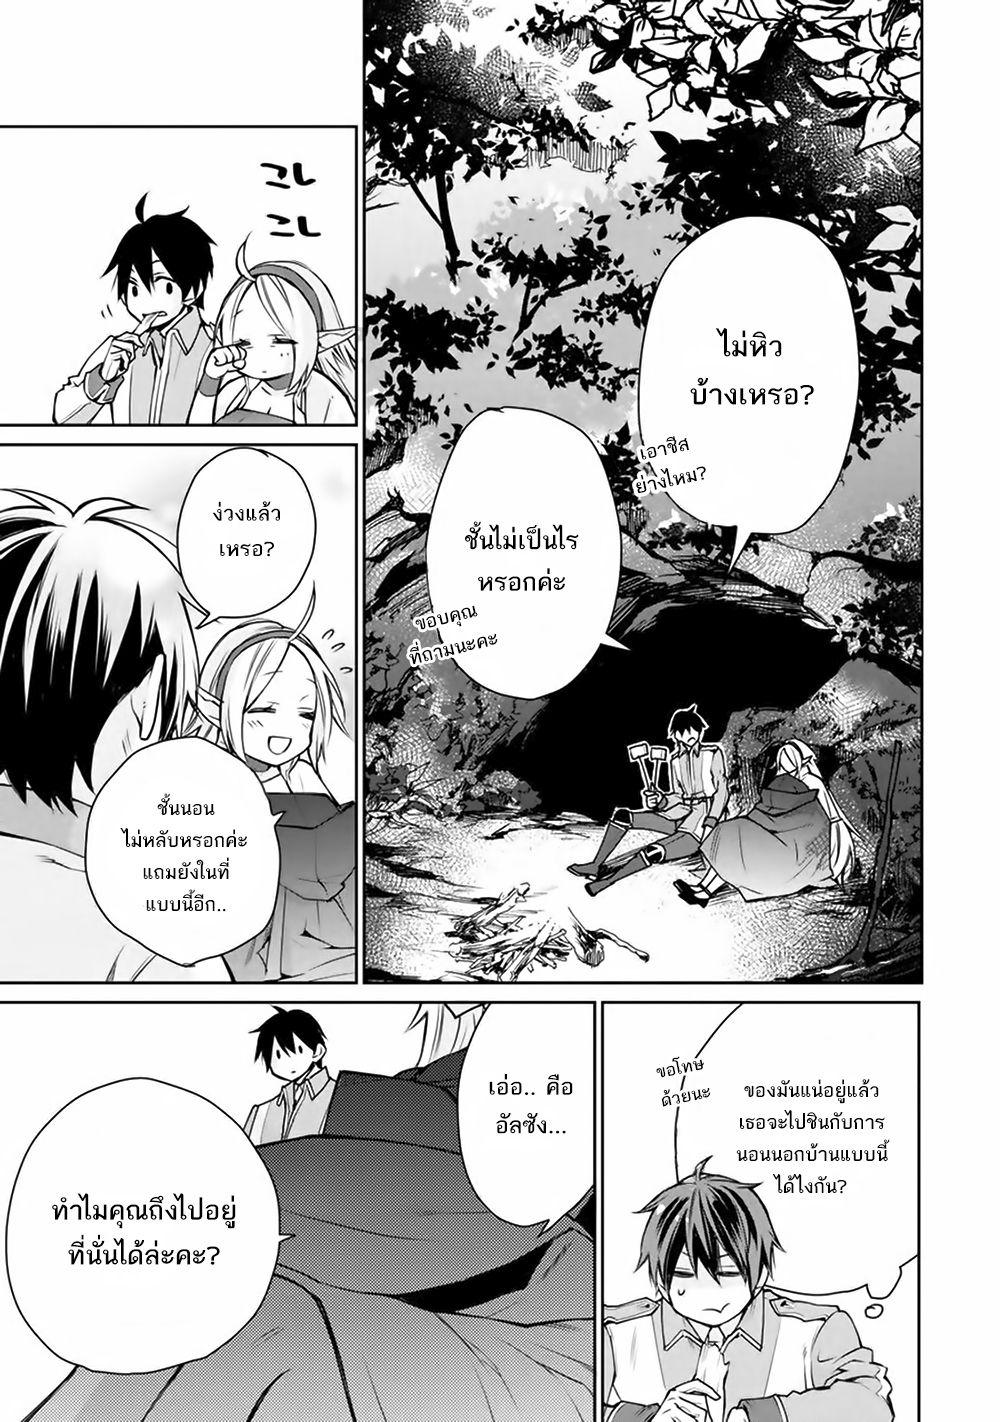 อ่านการ์ตูน Saikyo no mado-shi. Hiza ni ya o ukete shimattanode inaka no eihei ni naru ตอนที่ 1.3 หน้าที่ 15